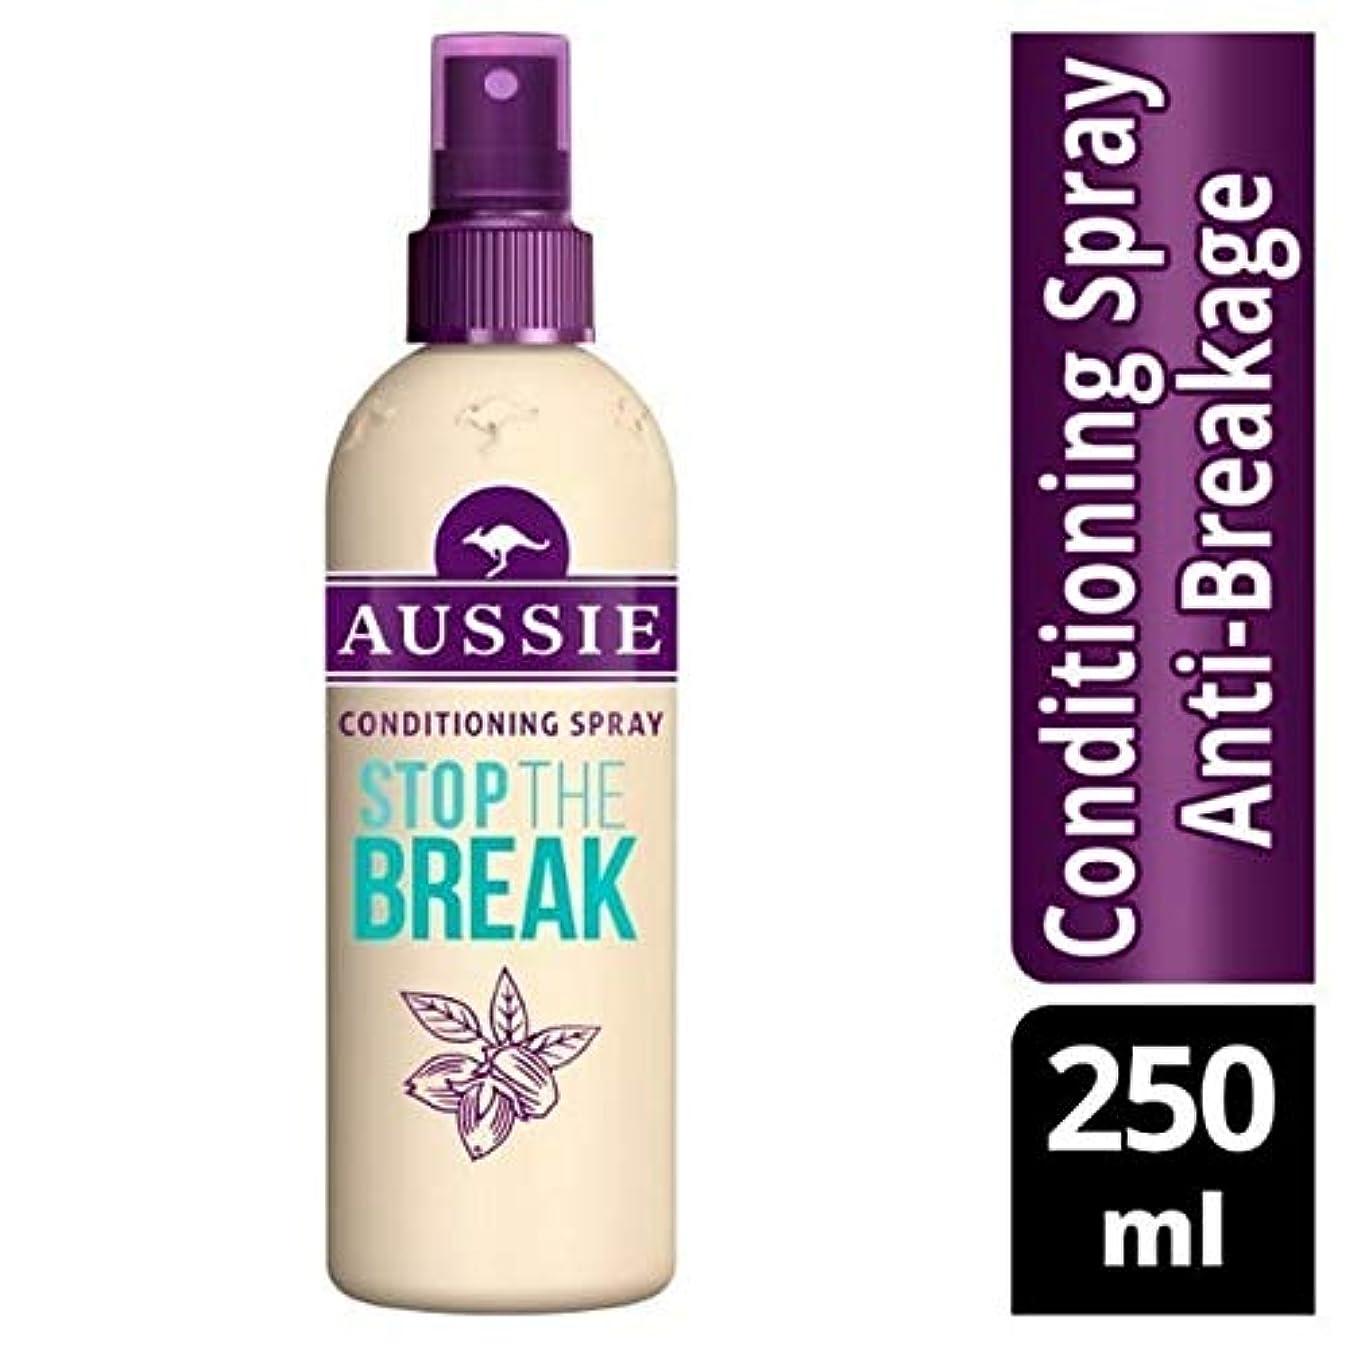 創傷シャー周囲[Aussie ] オージーはブレーク保護&コンディショニングスプレー250ミリリットルを停止します - Aussie Stop The Break Protection & Conditioning Spray 250ml...